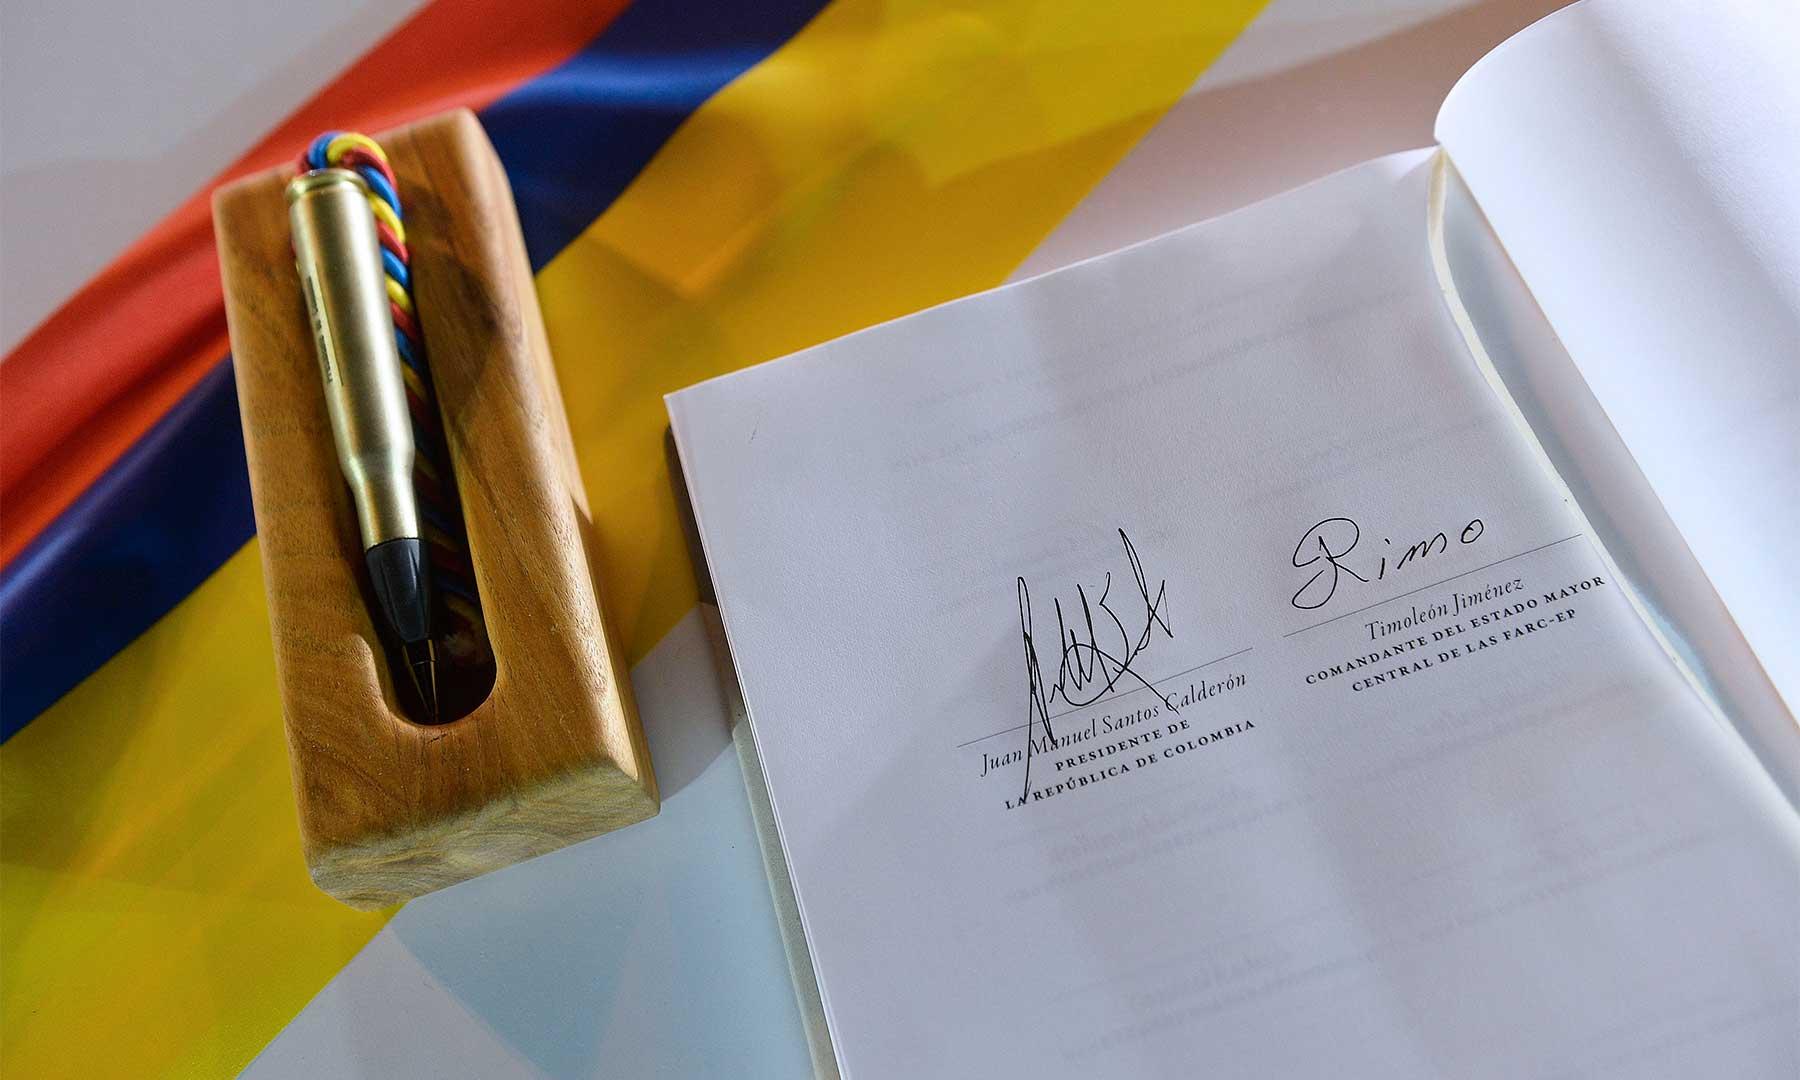 Uribismo pregunta a Santos si está dispuesto a cambiar puntos de acuerdo paz